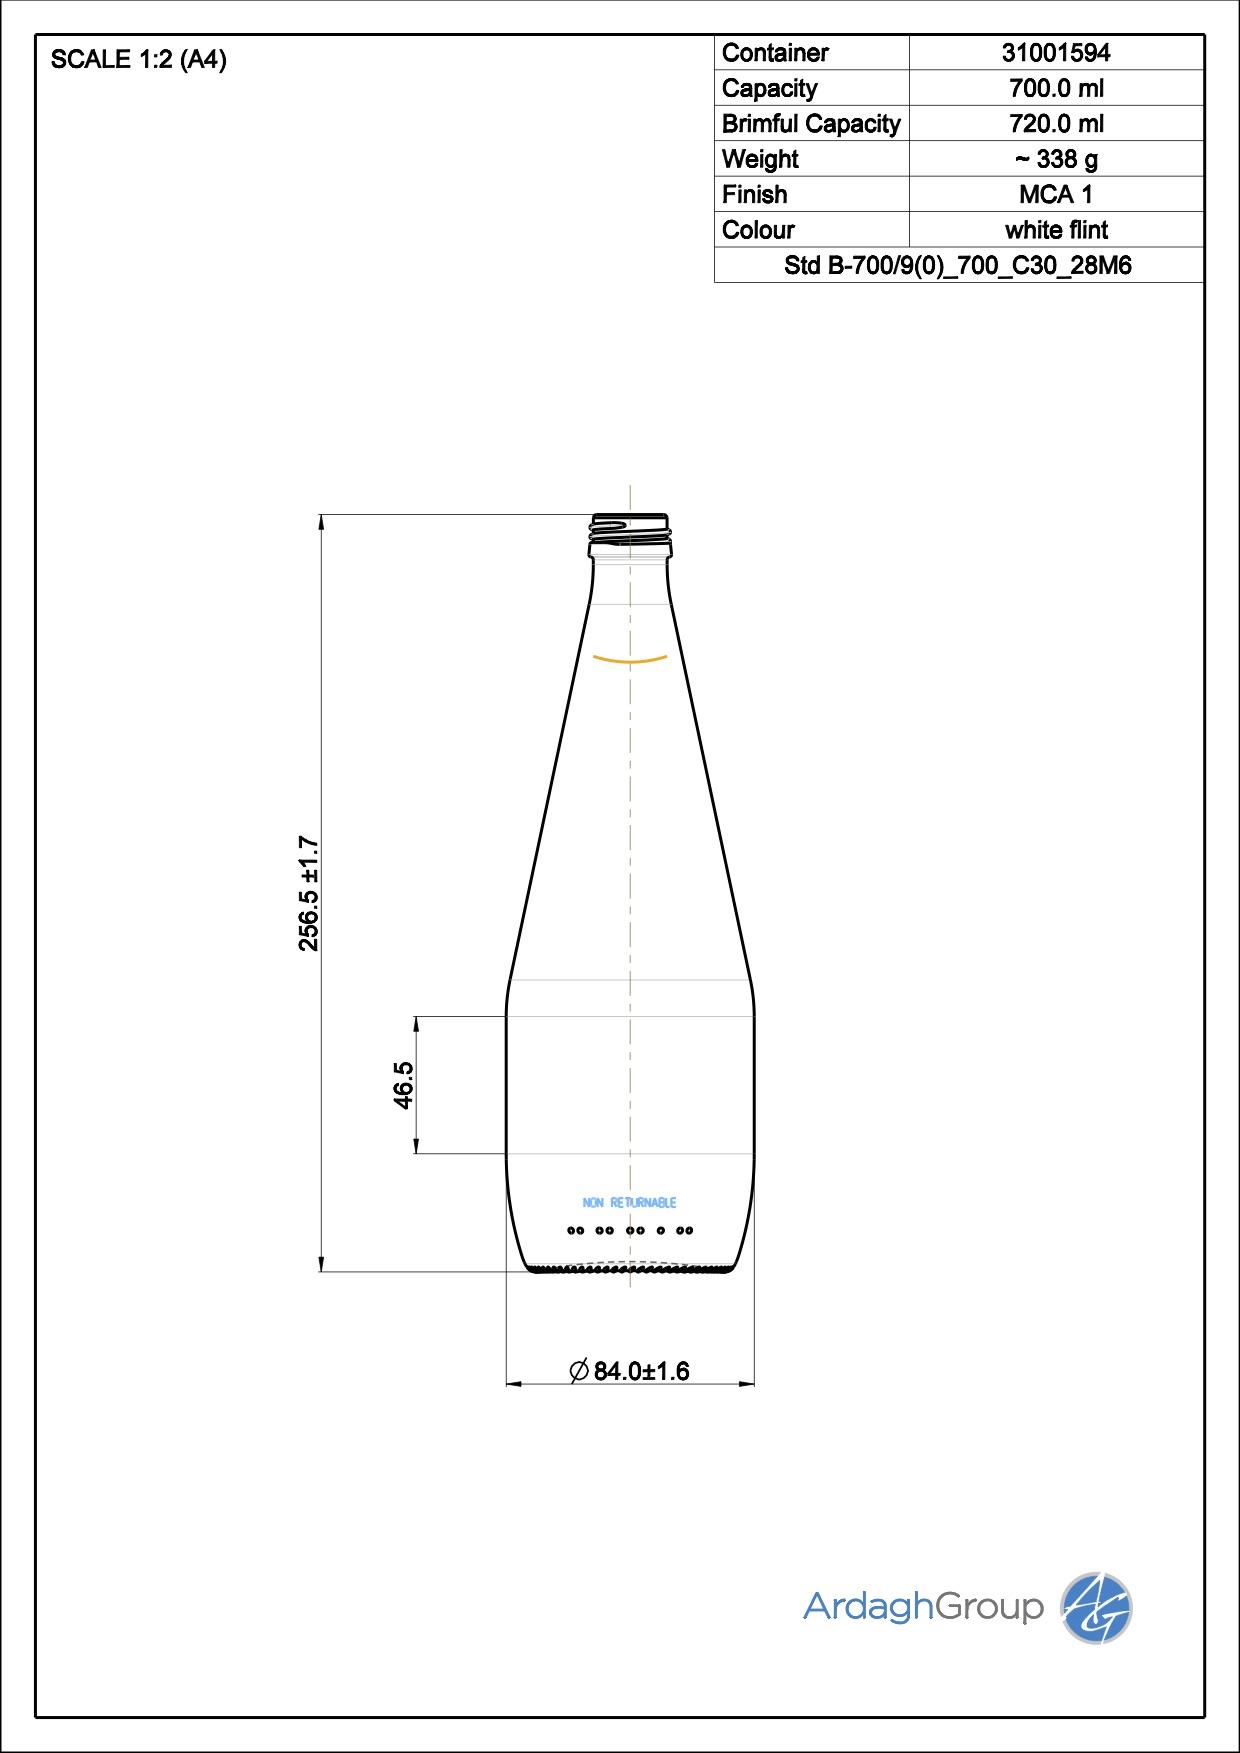 Std B-700/9(0) 700 C30 28M6